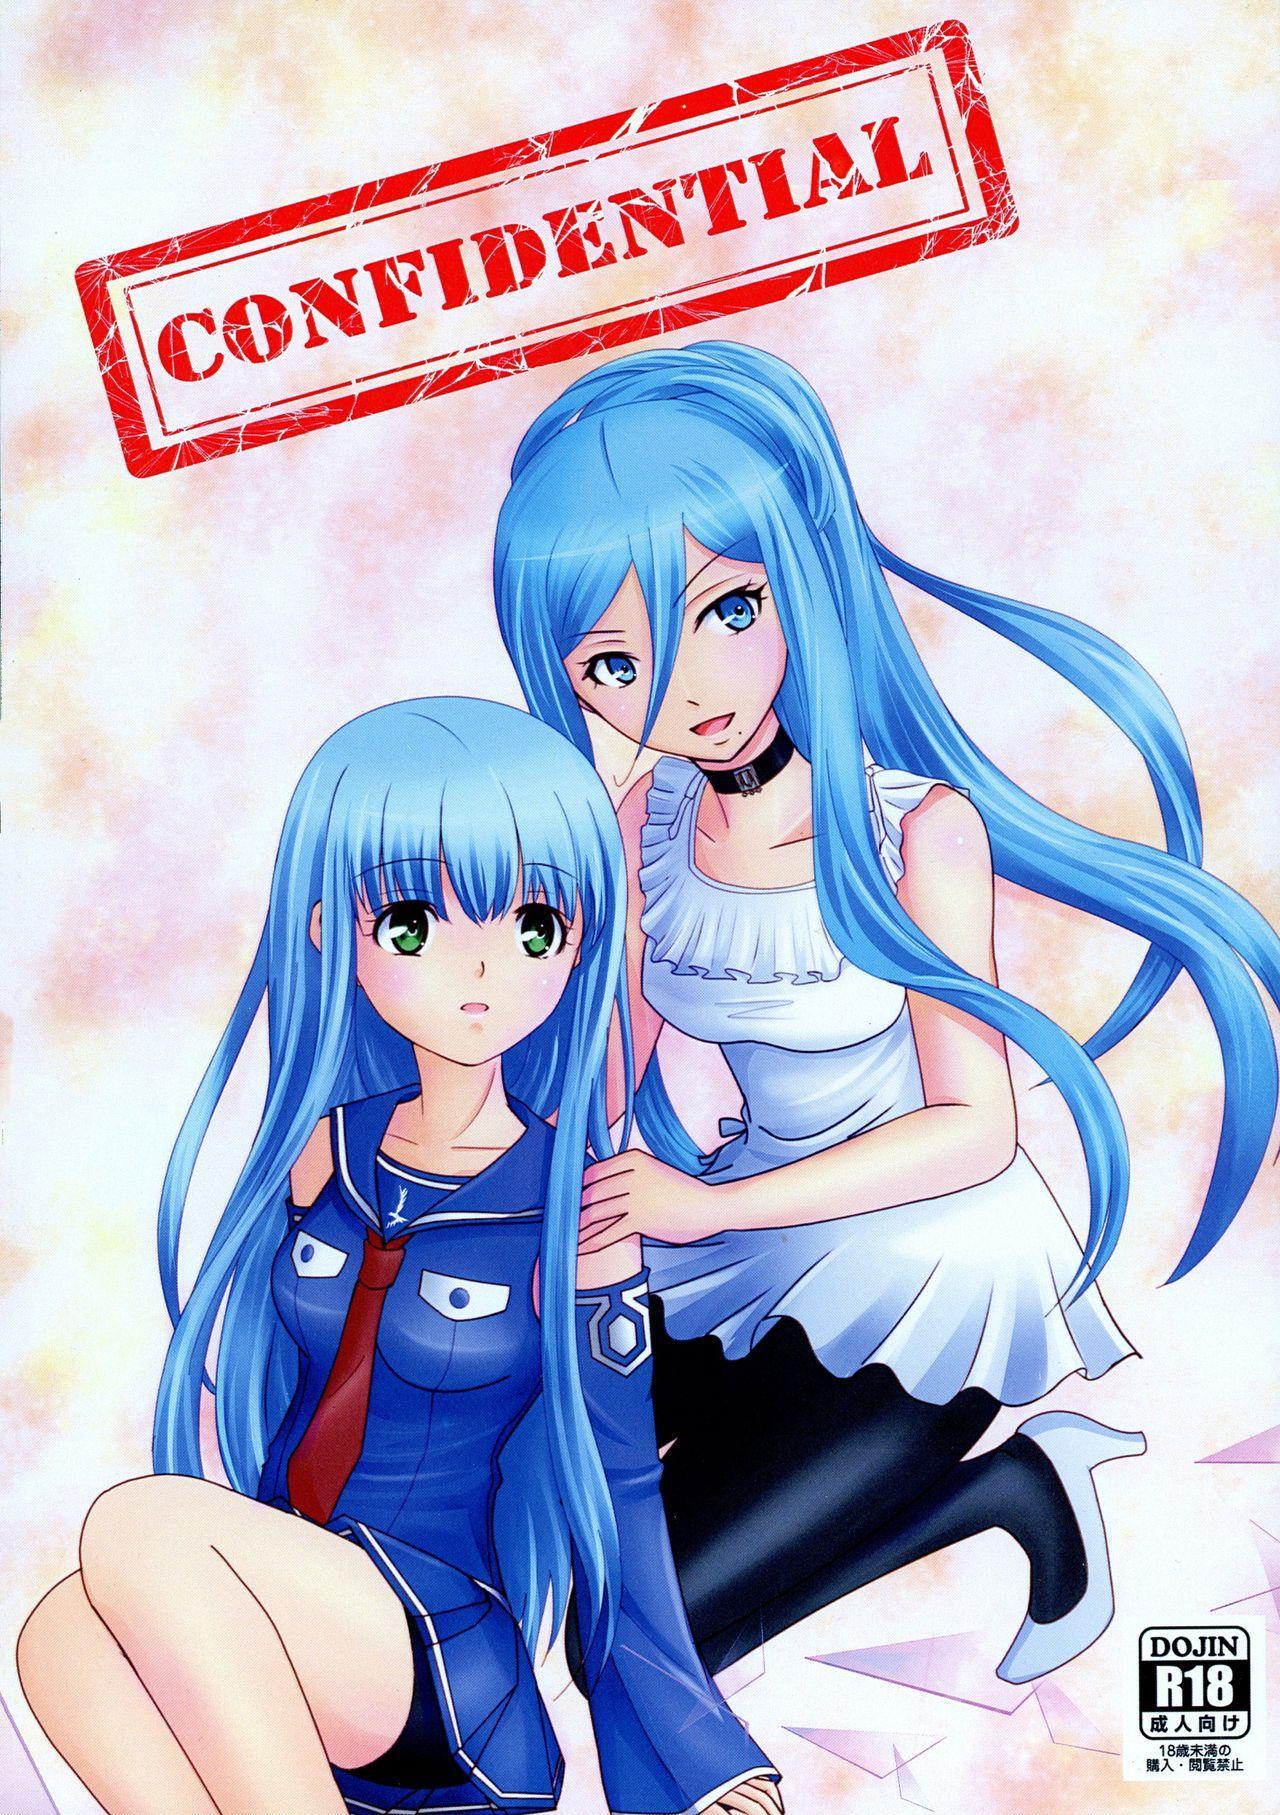 CONFIDENTIAL 0